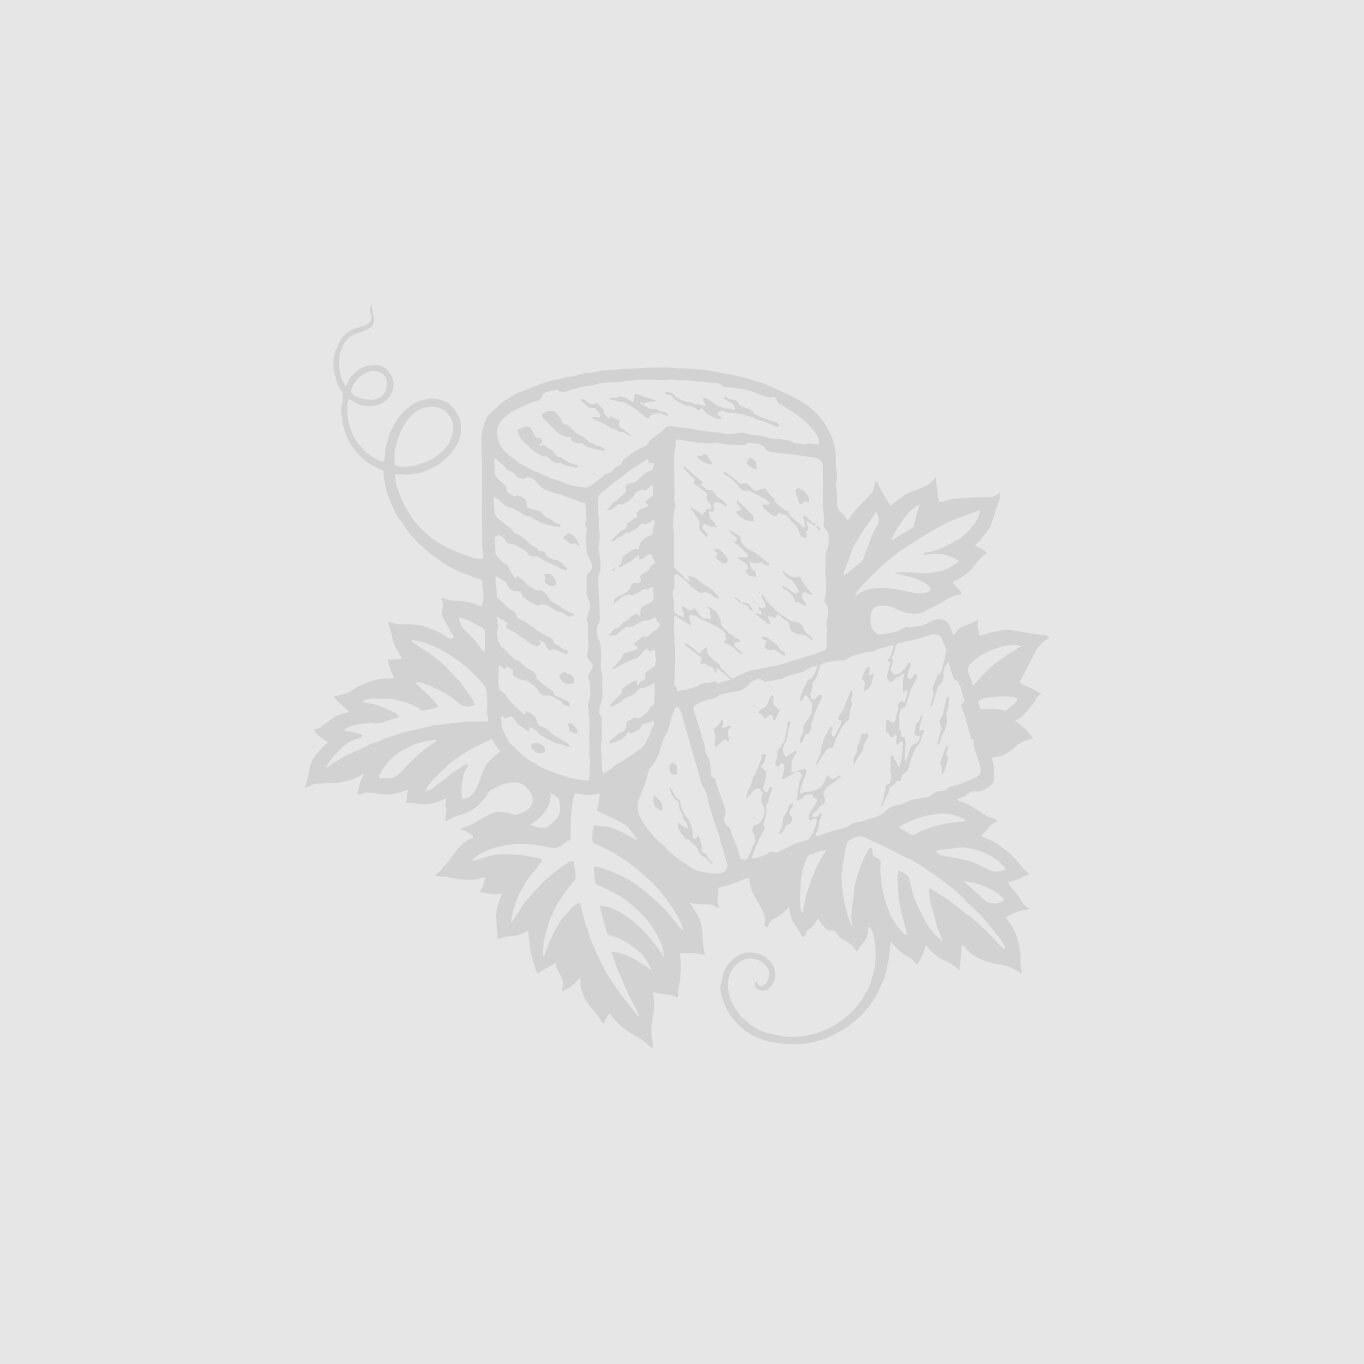 Fleurie Les Moriers Domaine Chignard 2016